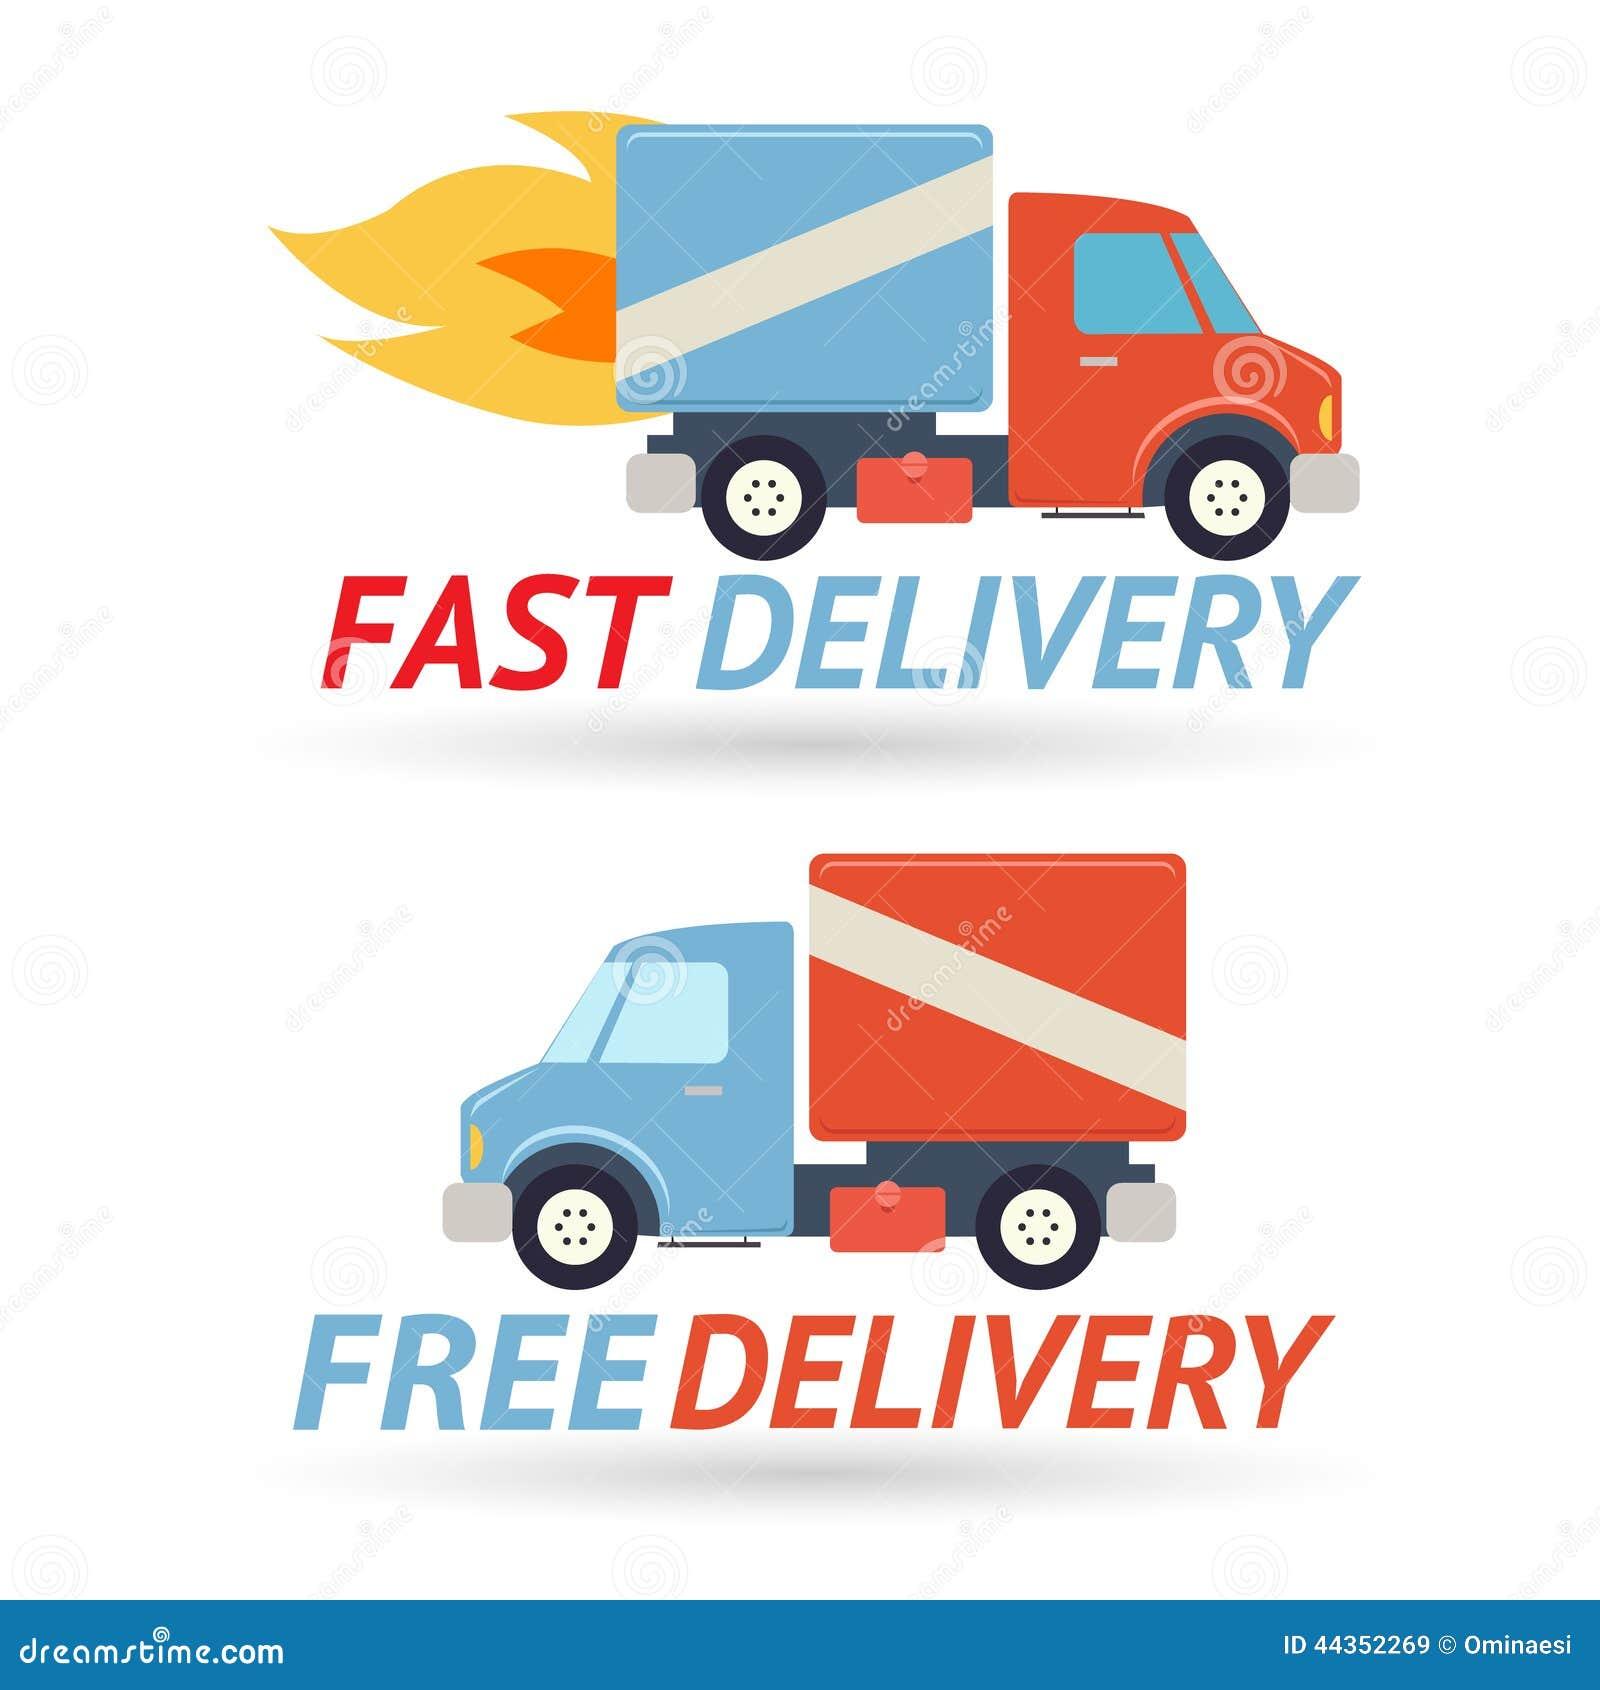 Icona veloce del camion di trasporto di simbolo di consegna gratuita